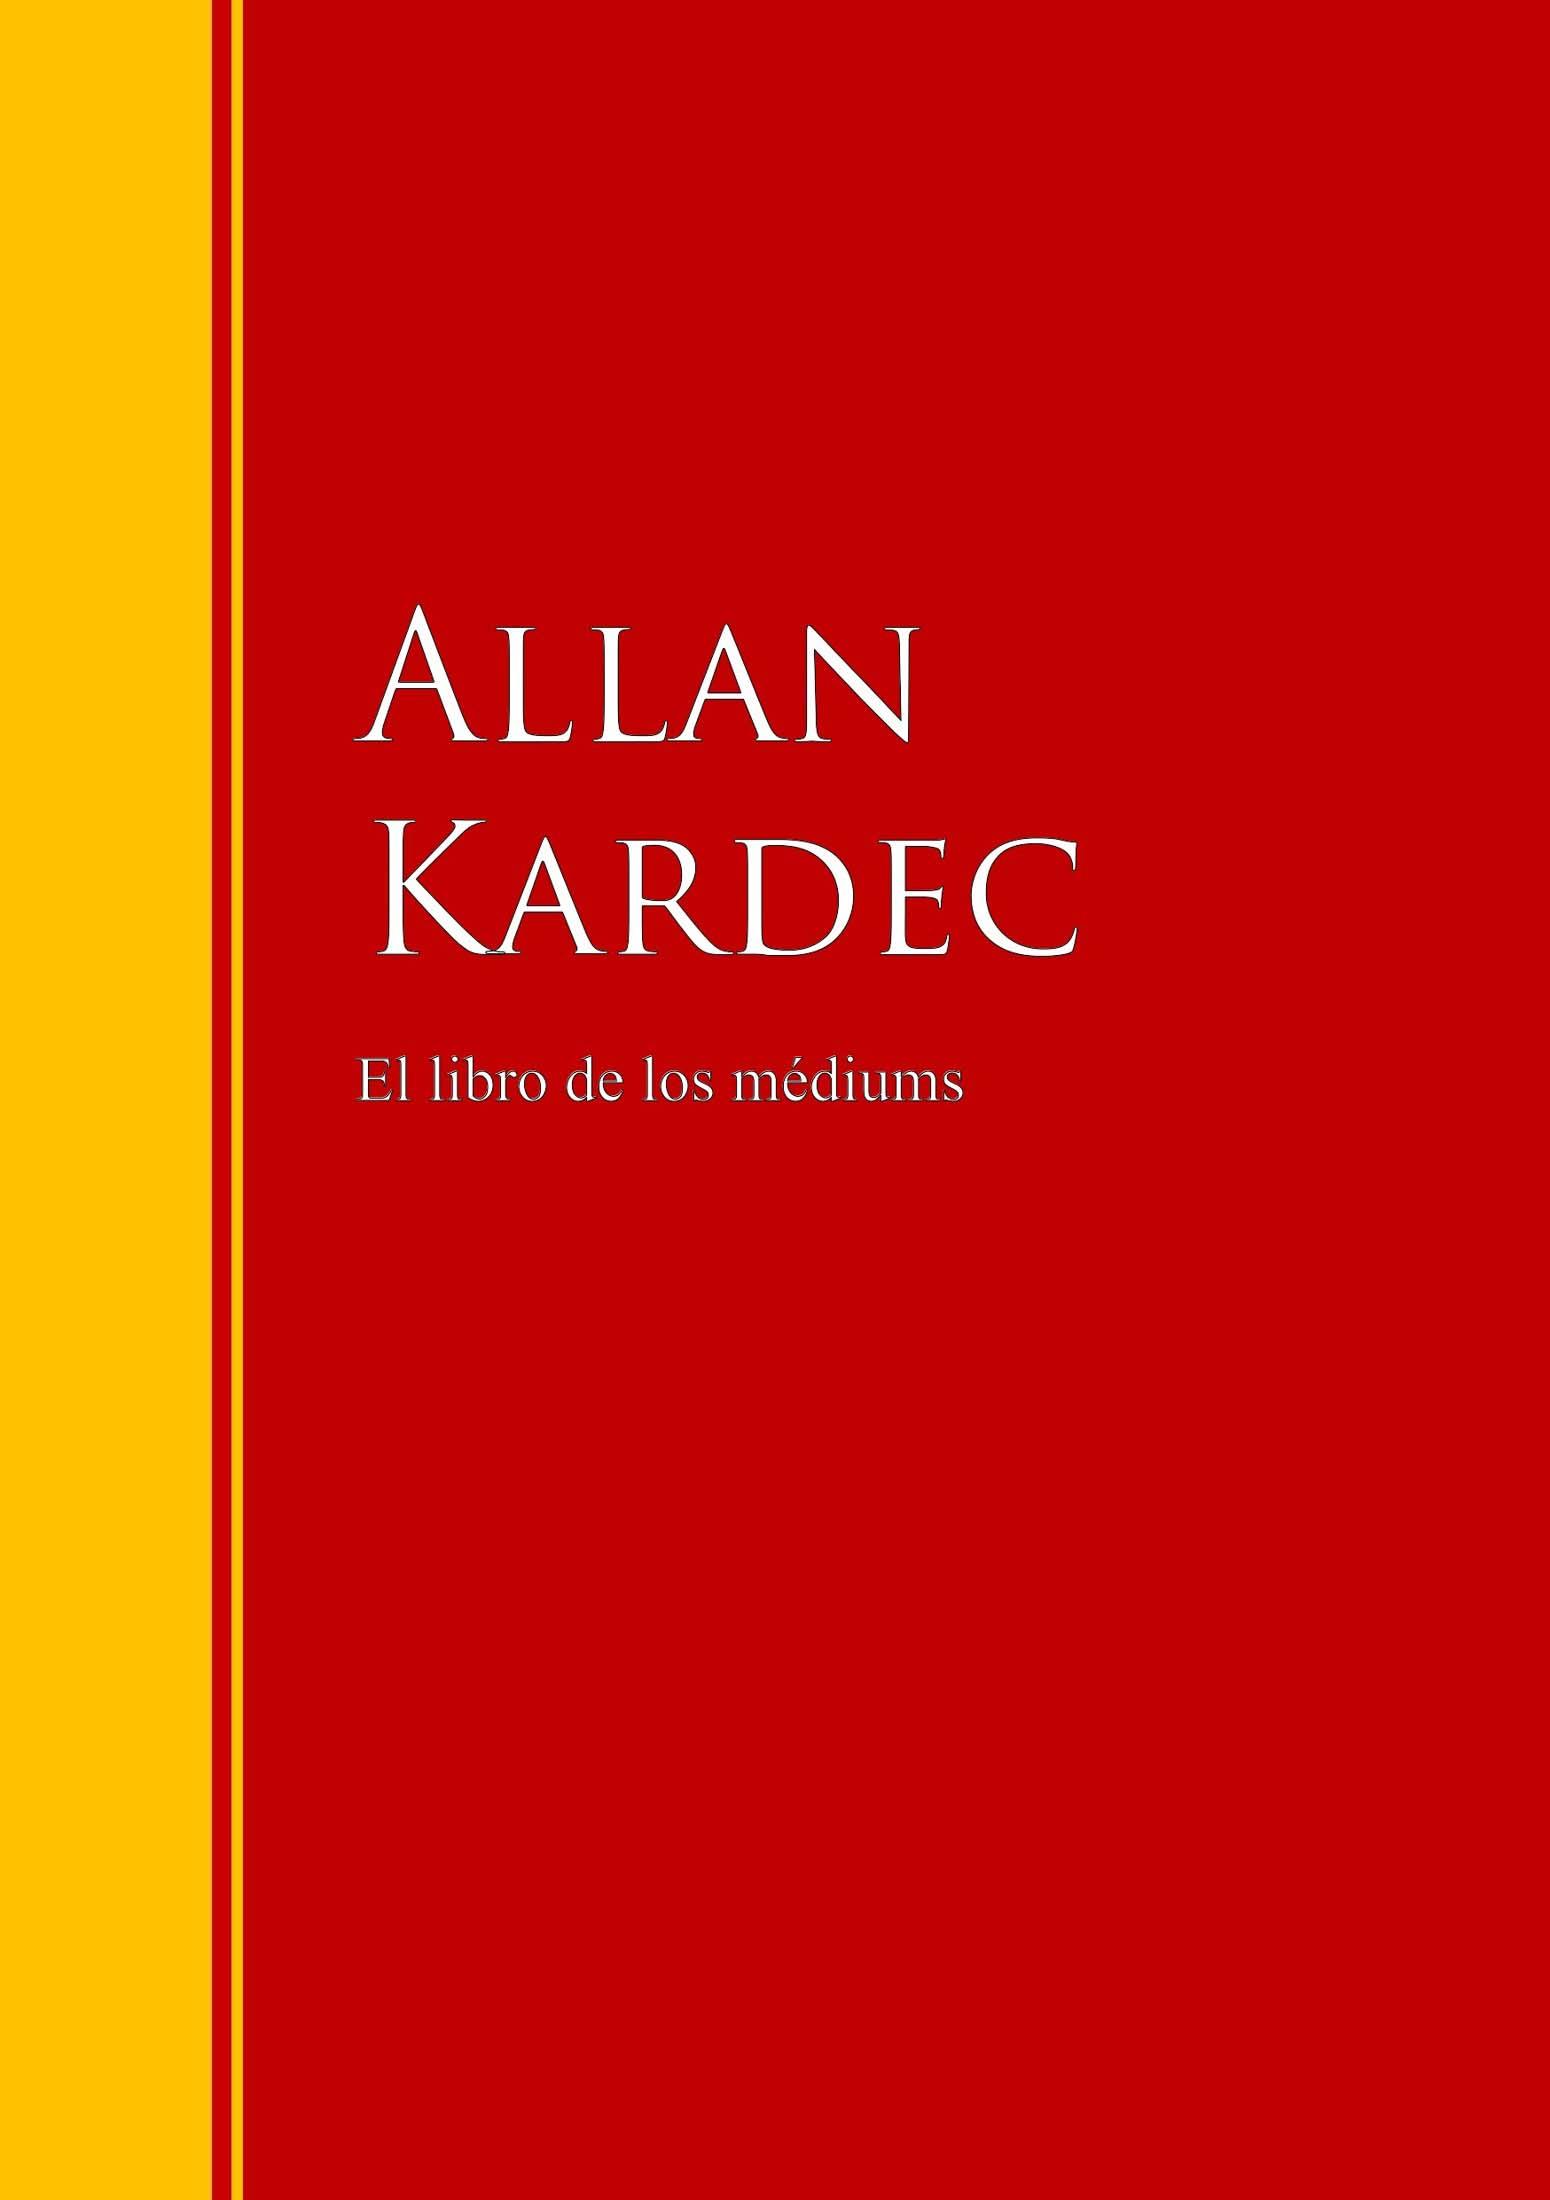 цена на Allan Kardec El libro de los médiums